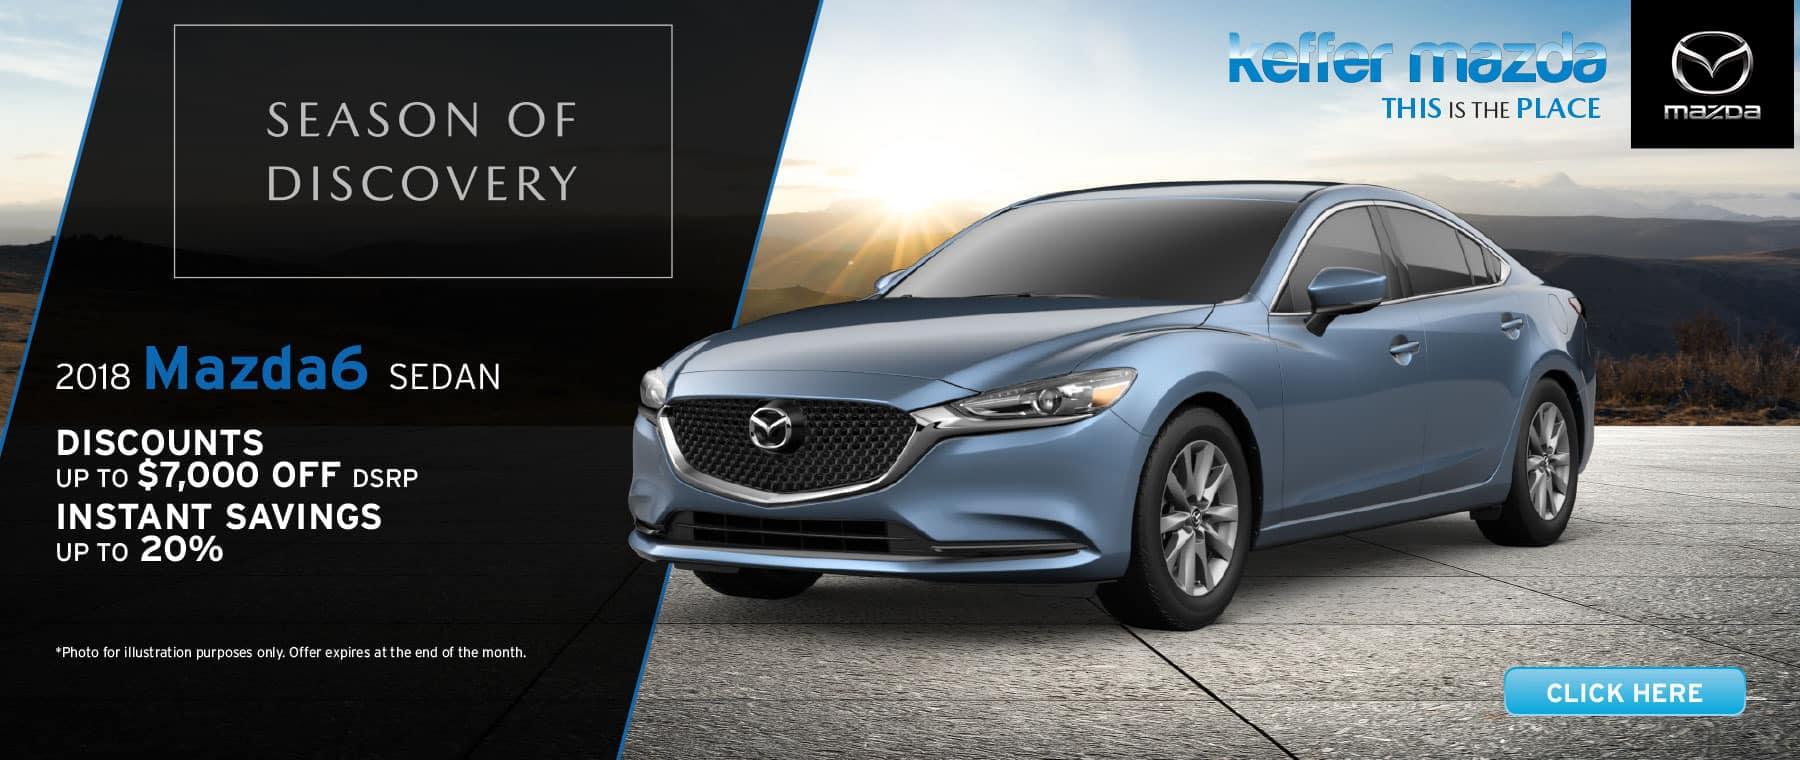 2018 Mazda6 Sedan Savings up to 20%